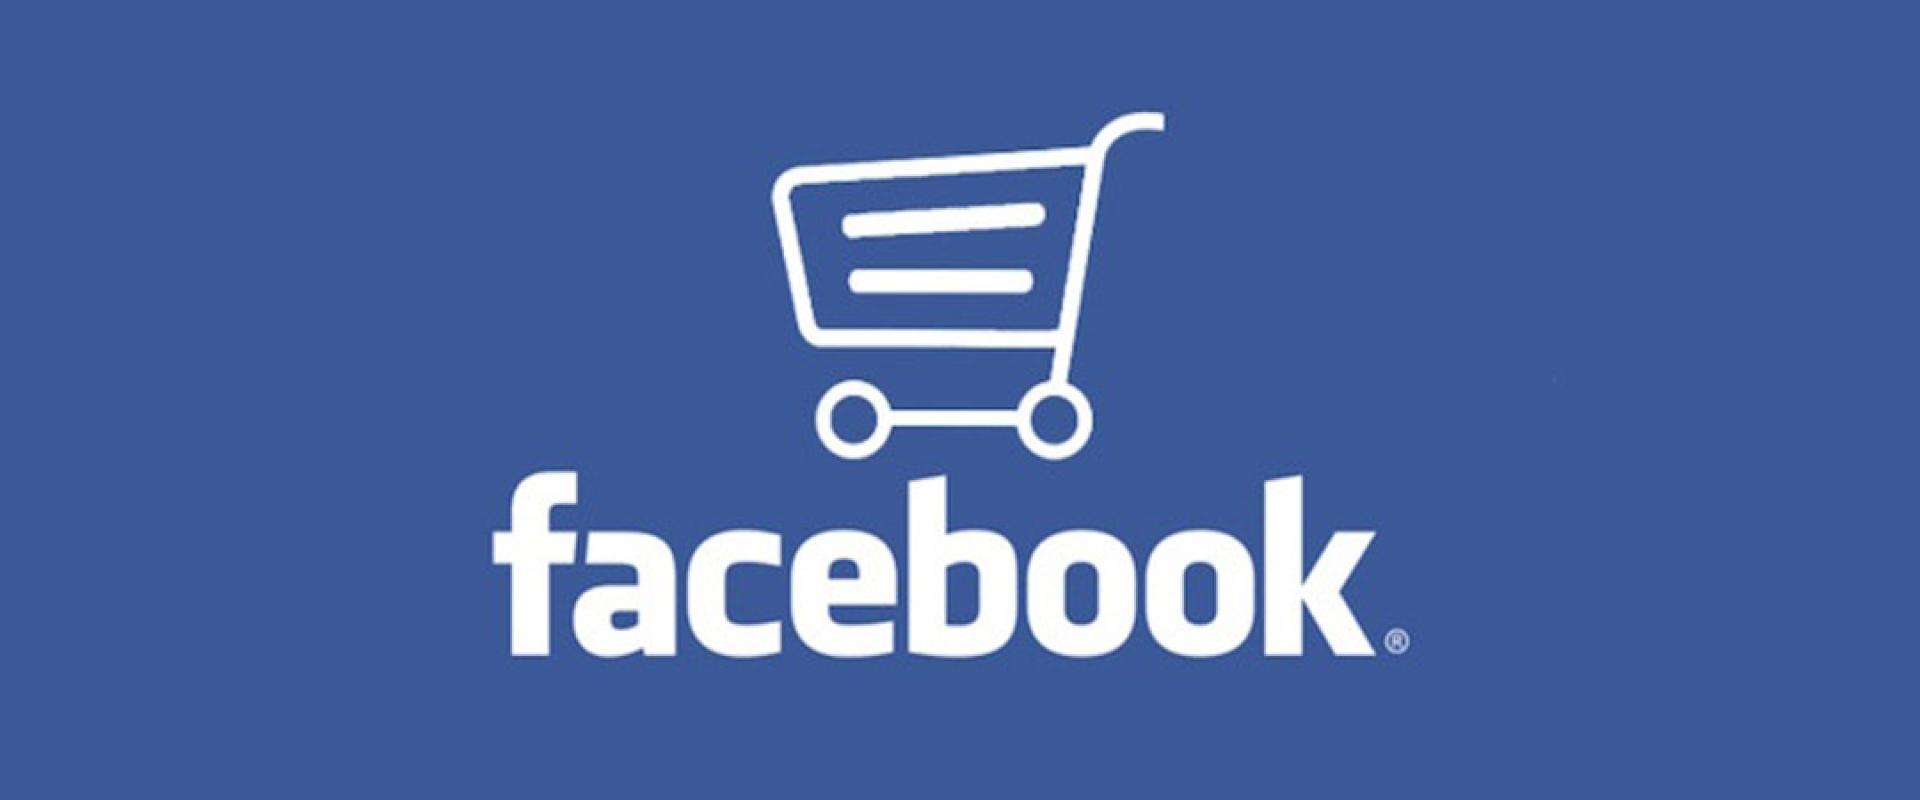 Facebook Shop maken en instellen: wat is het en hoe werkt het? (+ stappenplan)